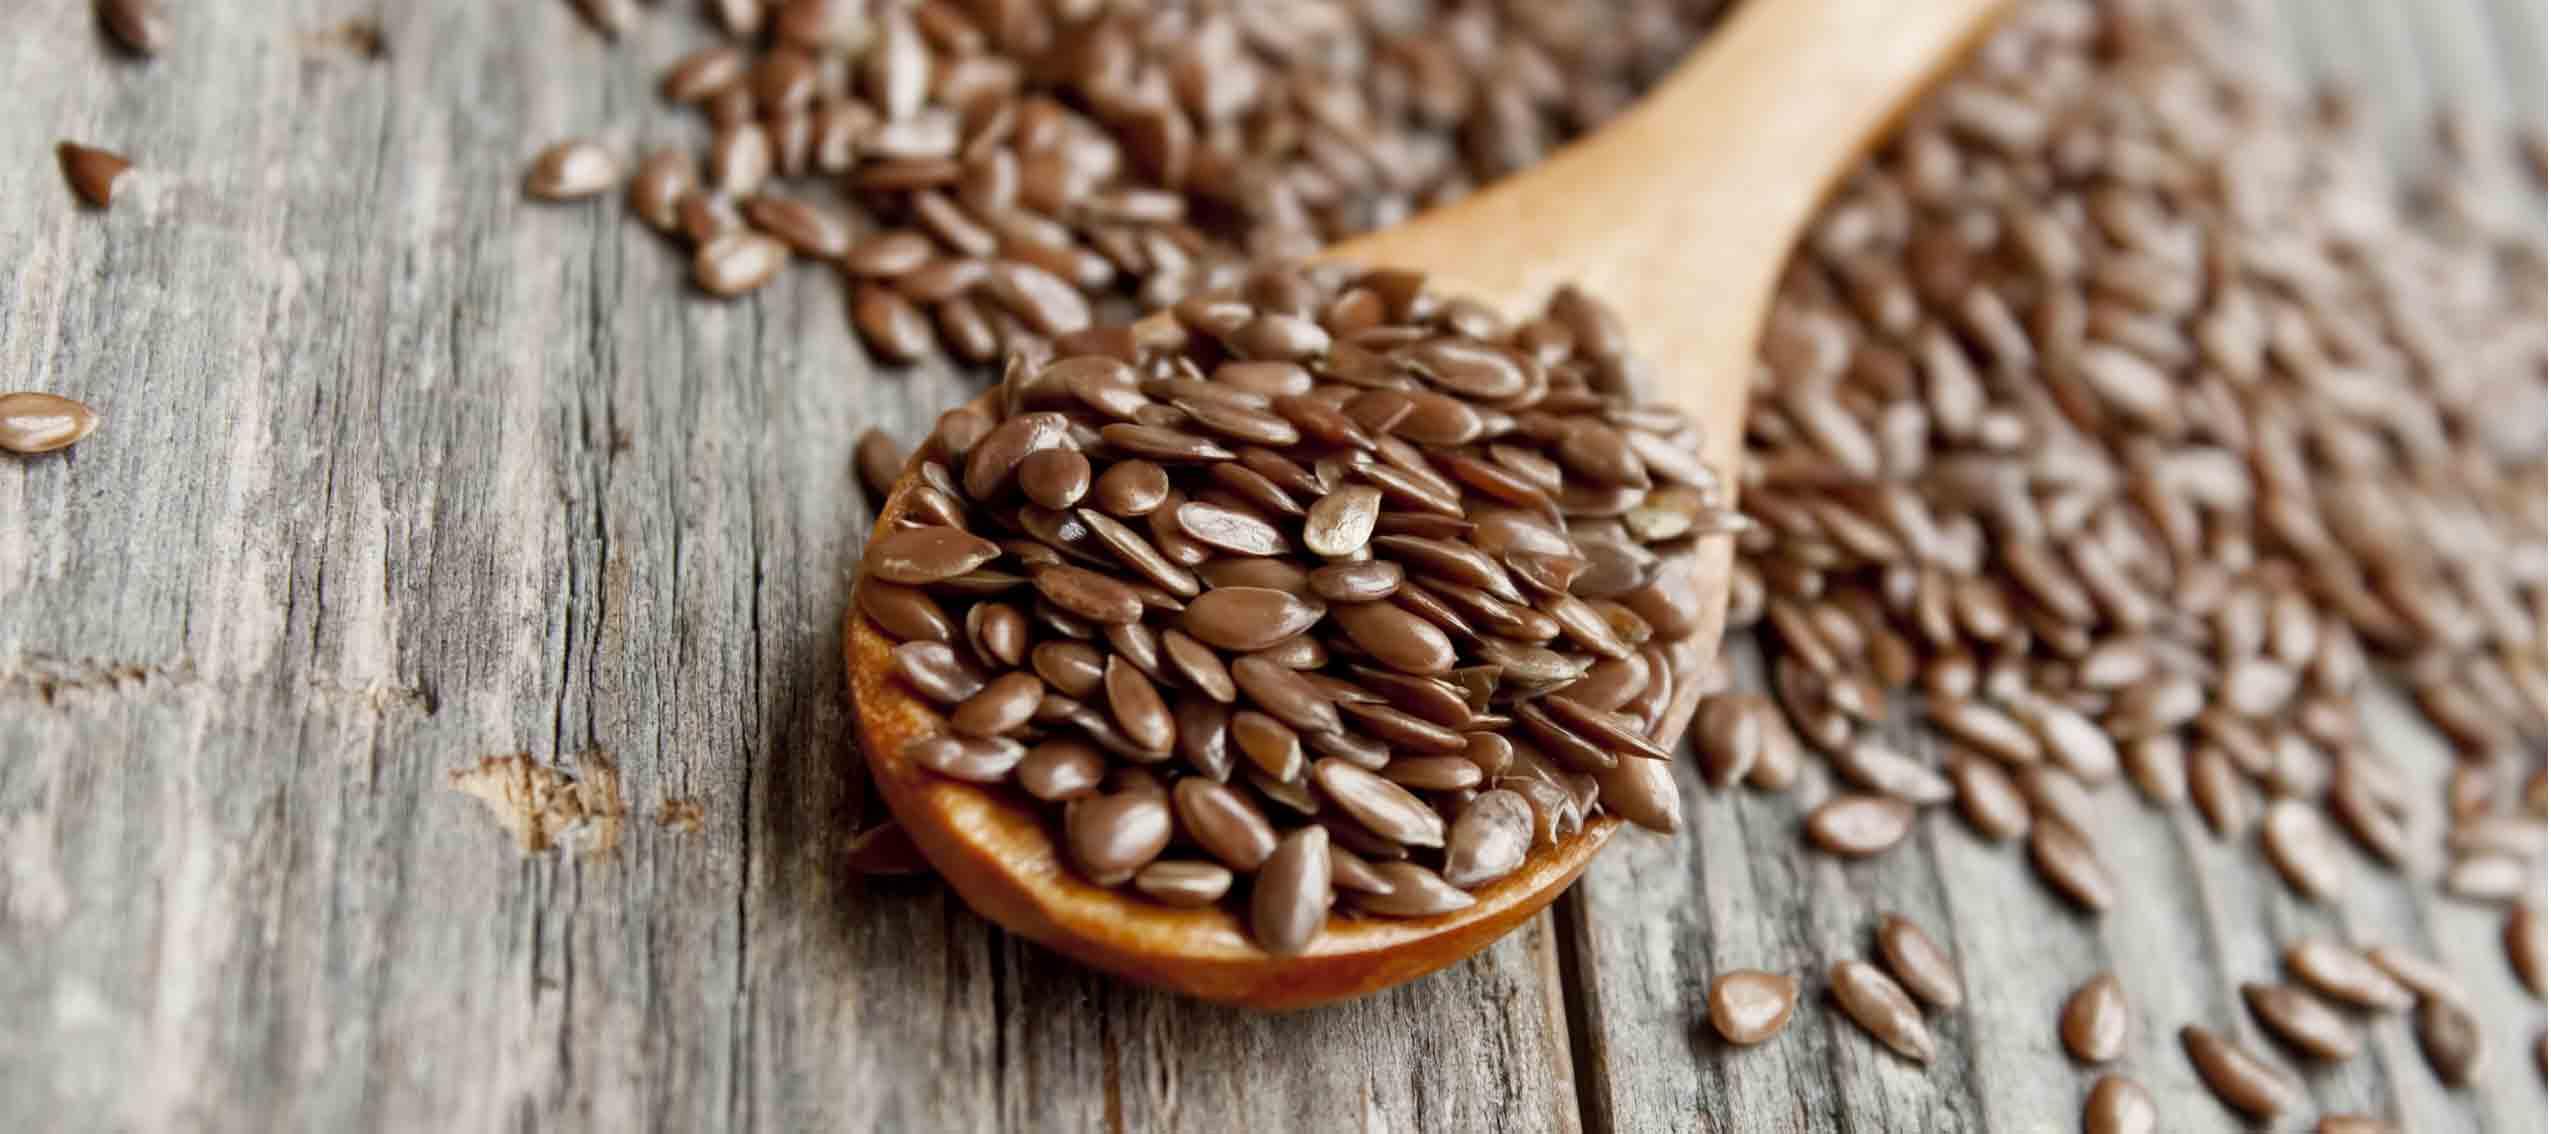 les graines sont une source de magnésium